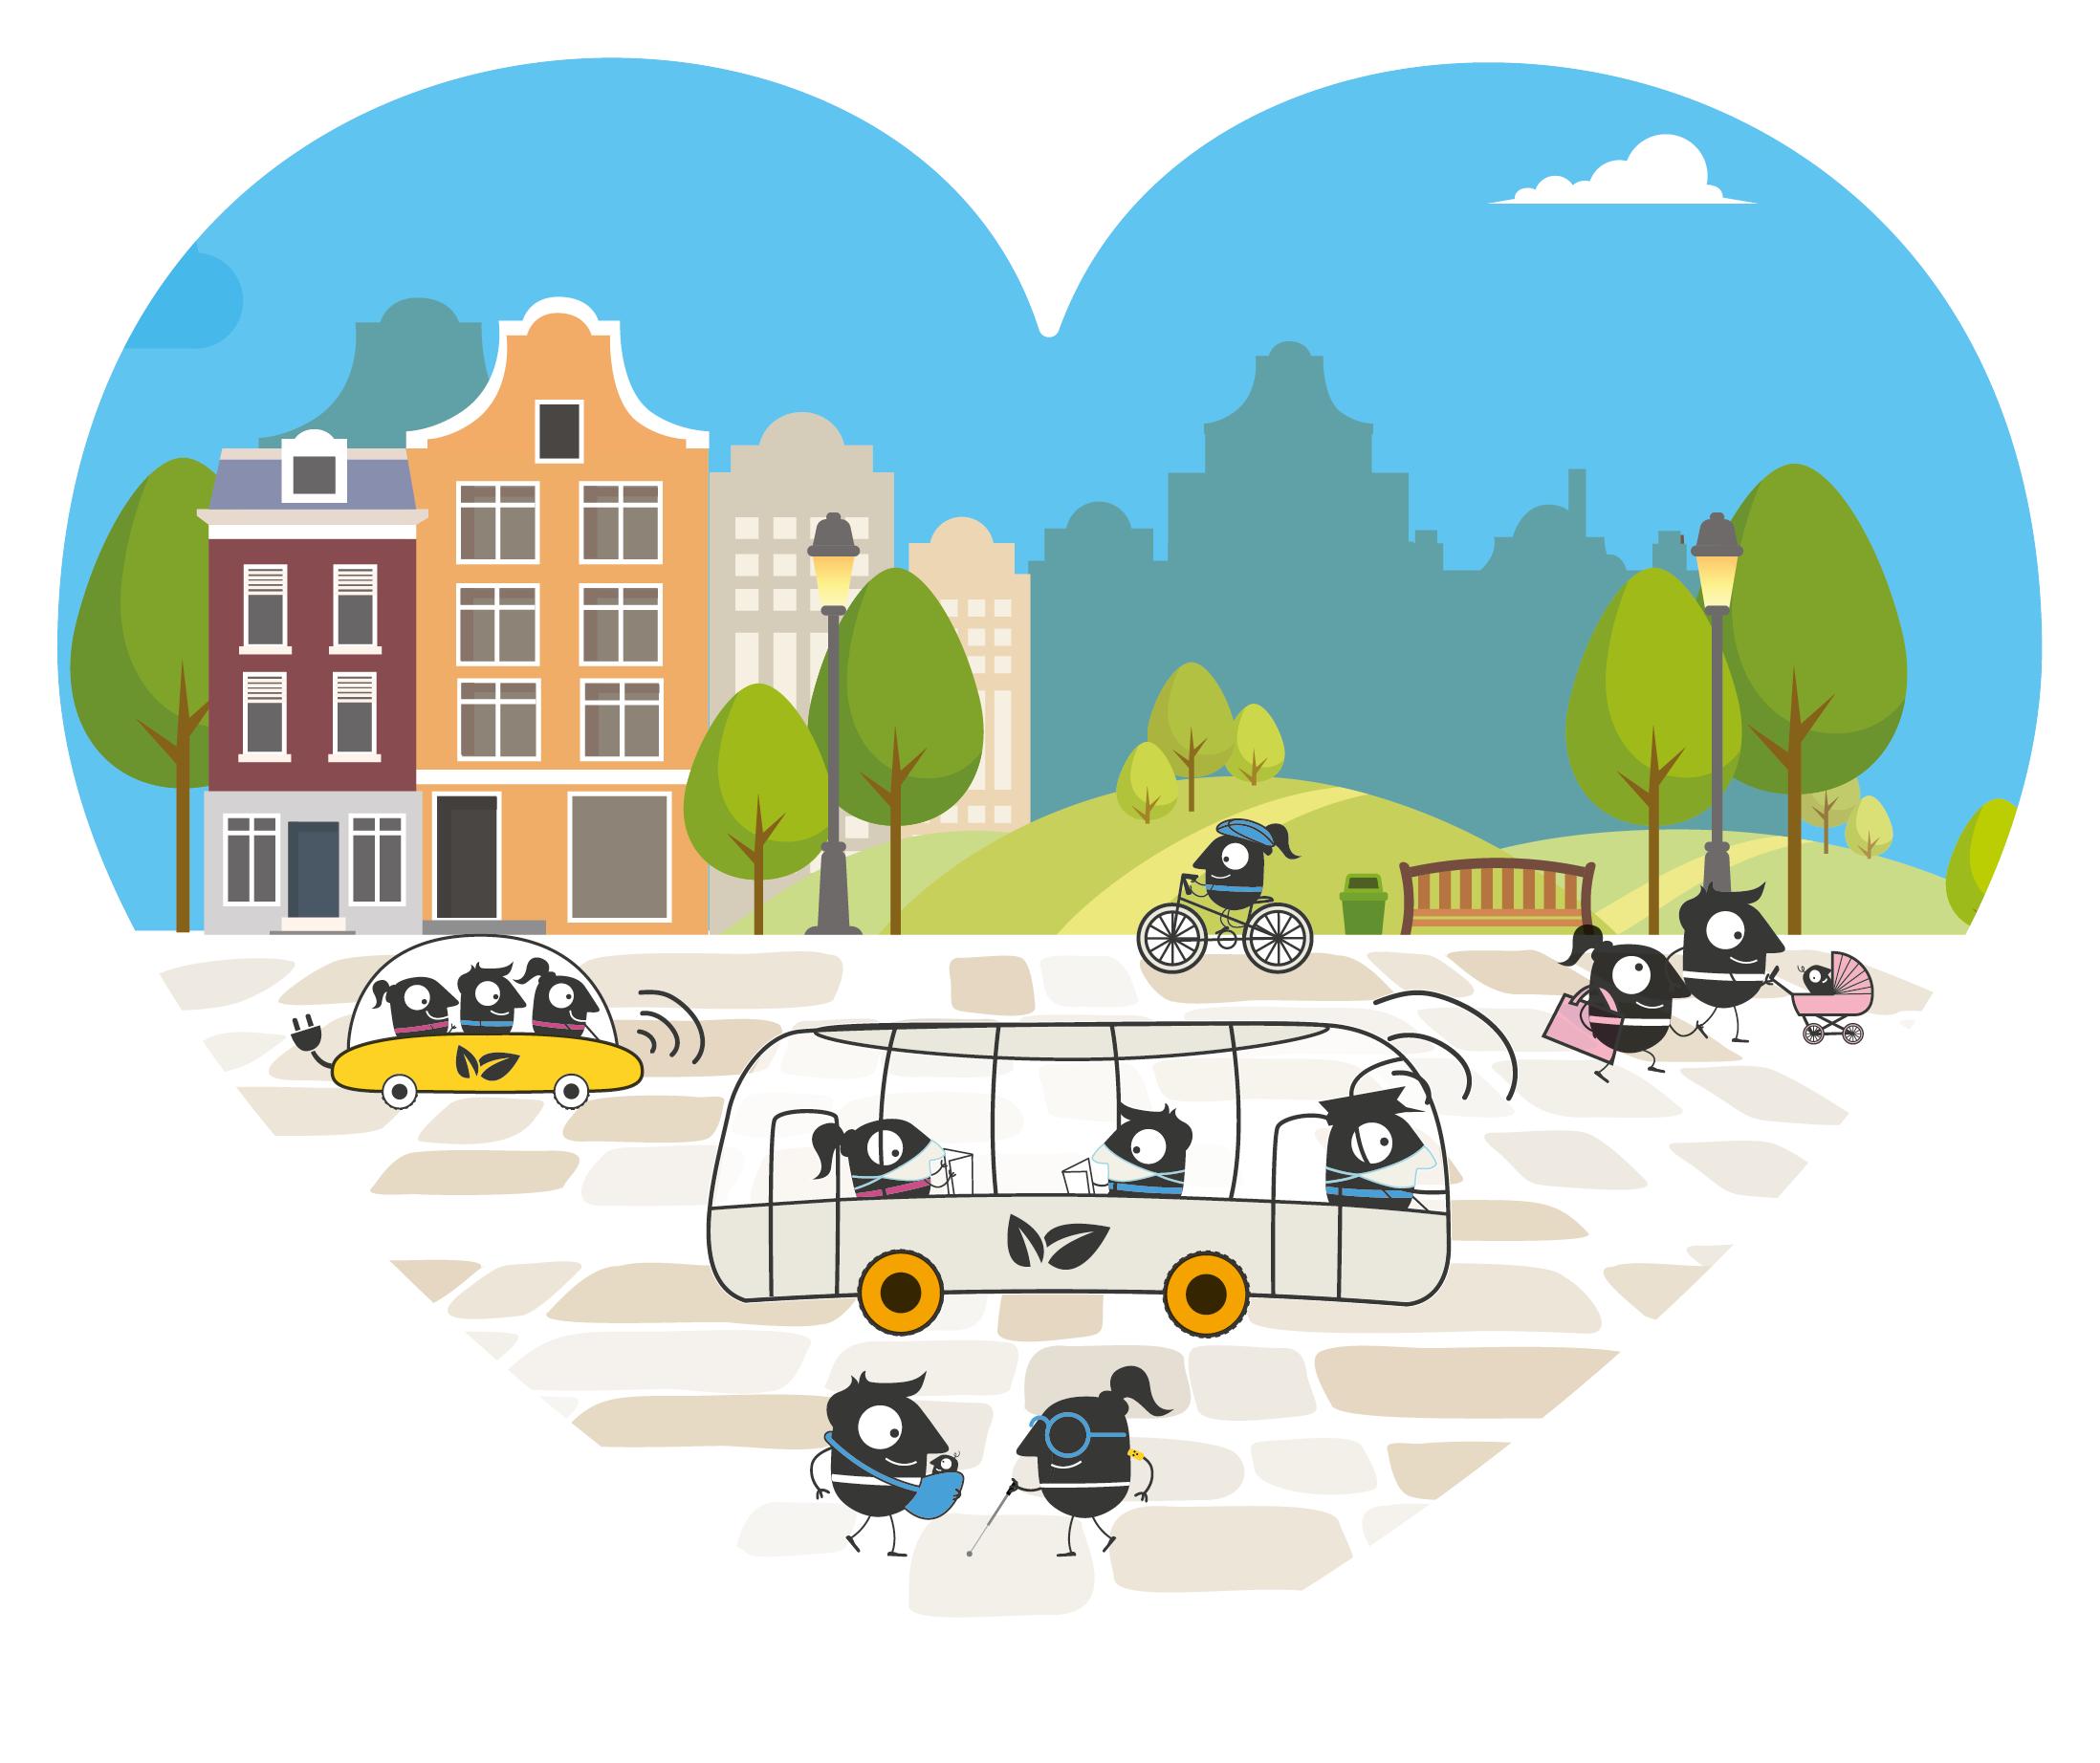 Settimana Europea della Mobilità 2021: il calendario delle iniziative a Milano